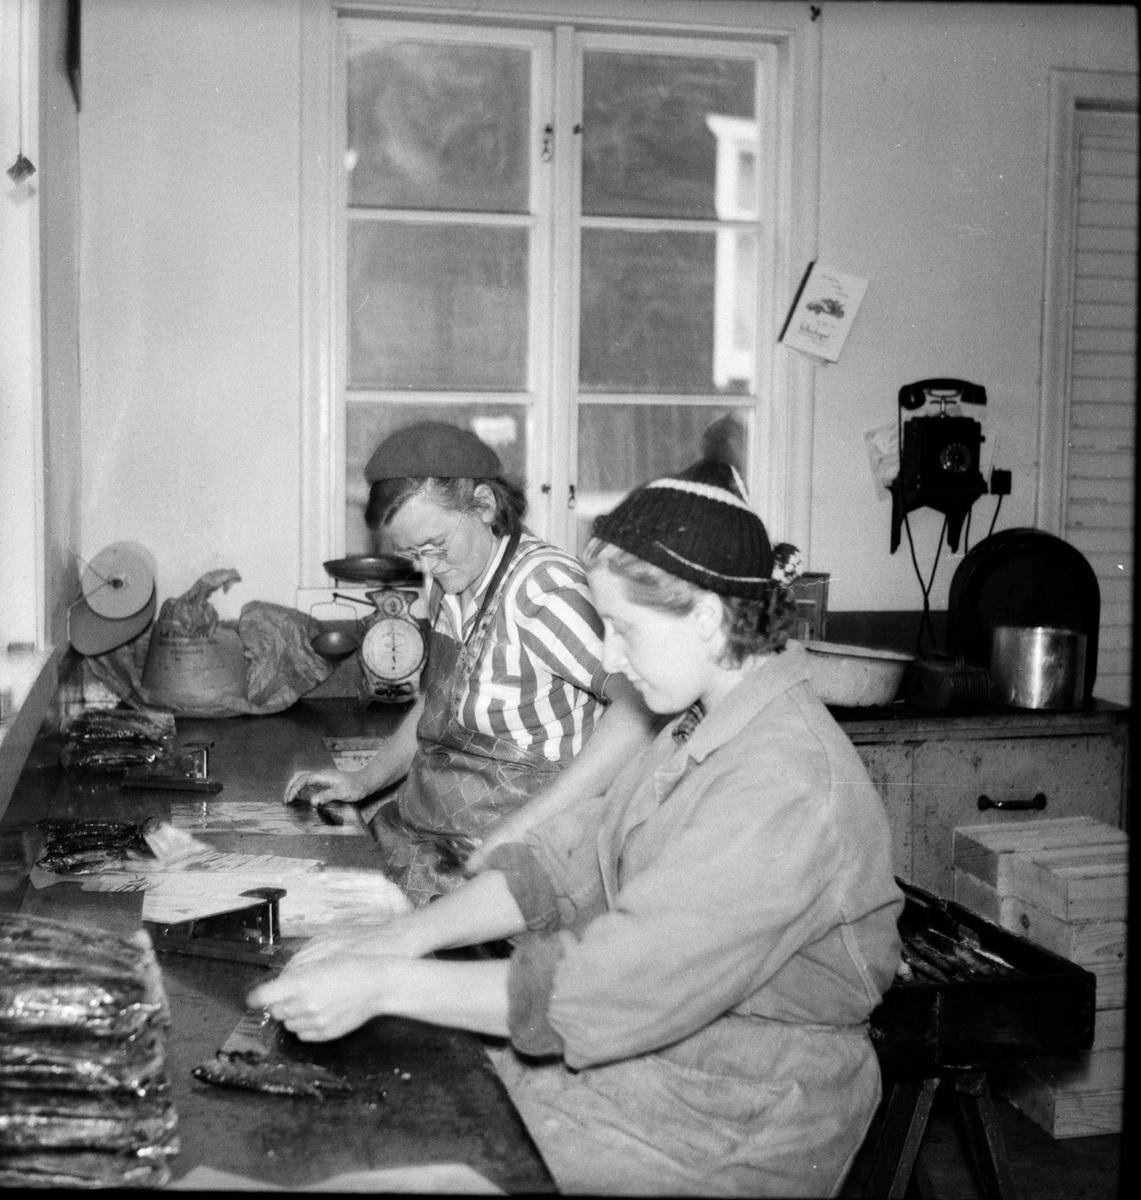 Två kvinnor arbetar med fiskrensning.